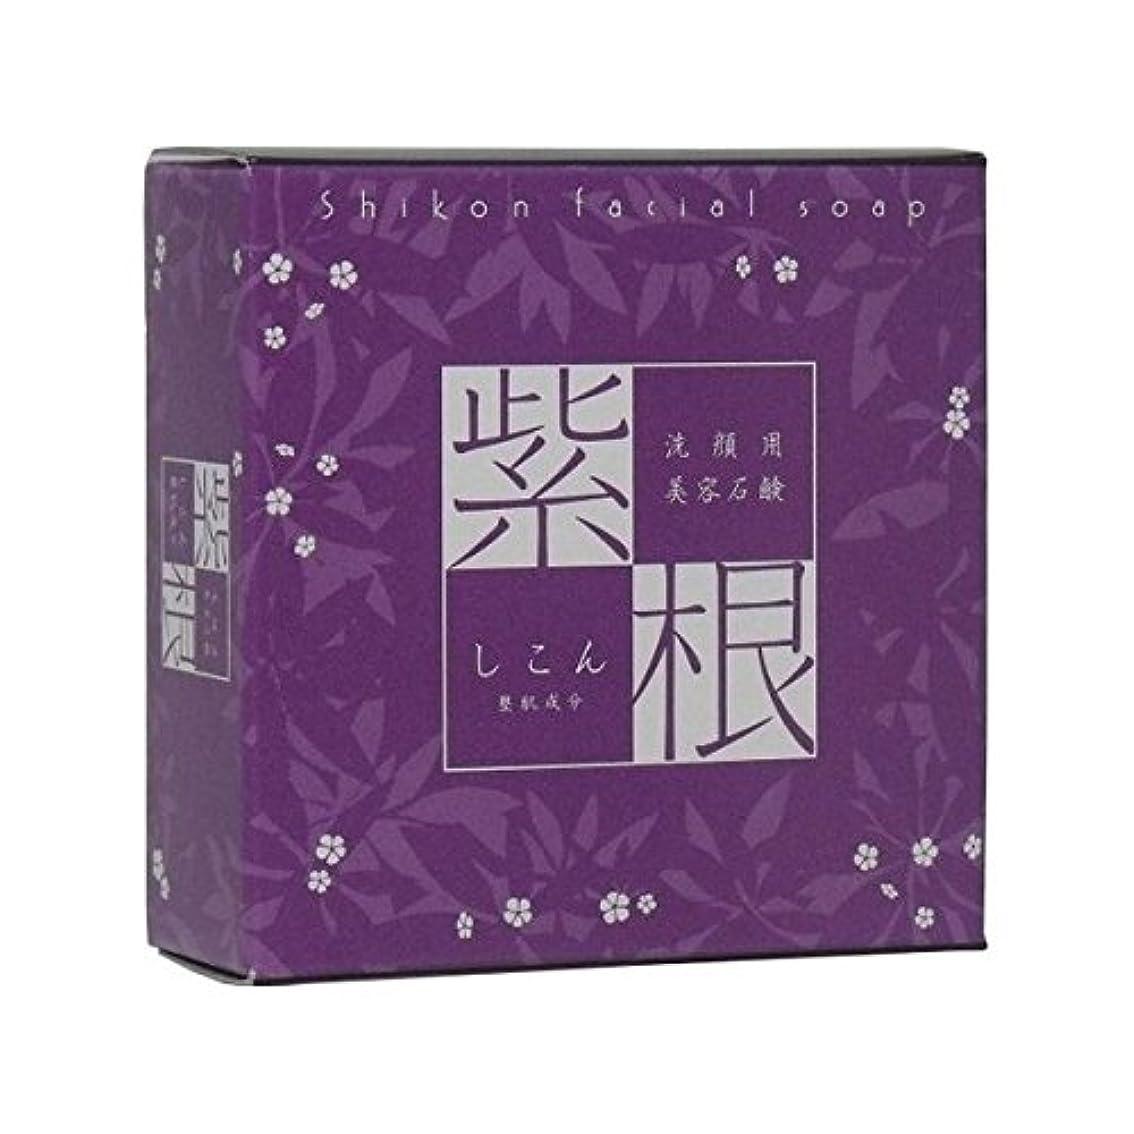 呼吸かるベット紫根石鹸110g(オリジナル泡立てネット付き)3個セット【魔女たちの22時で話題!】